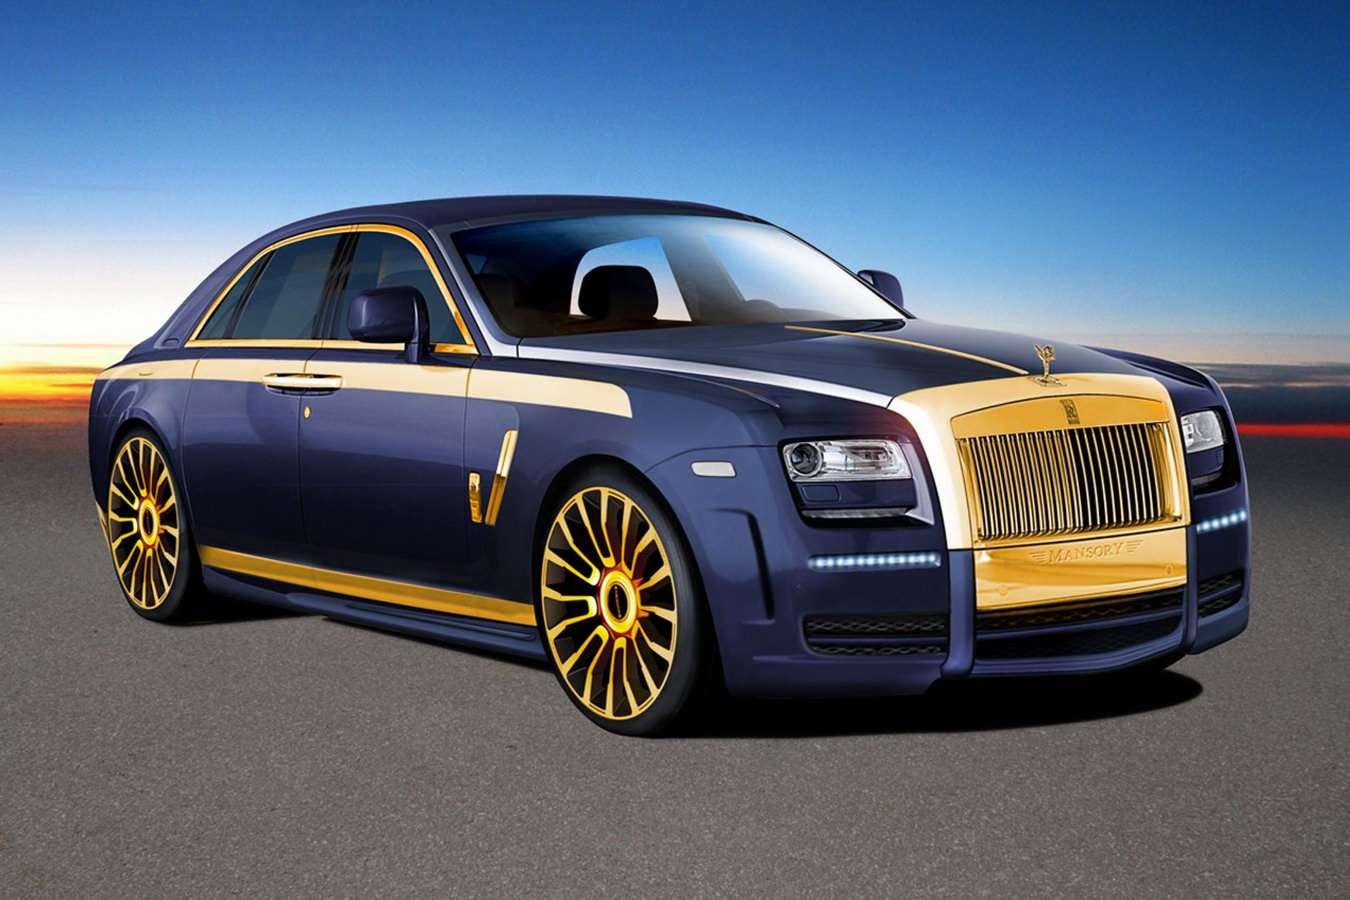 Rolls Royce Mansory luty 2010